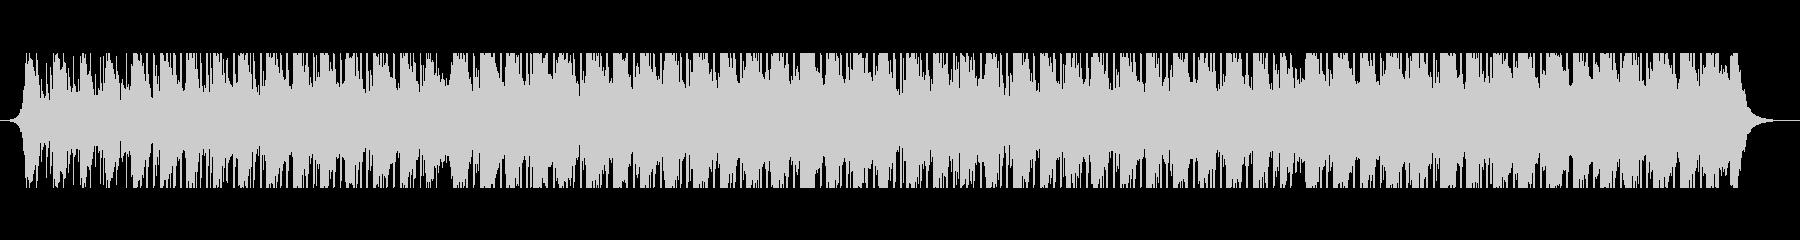 Medical Background's unreproduced waveform